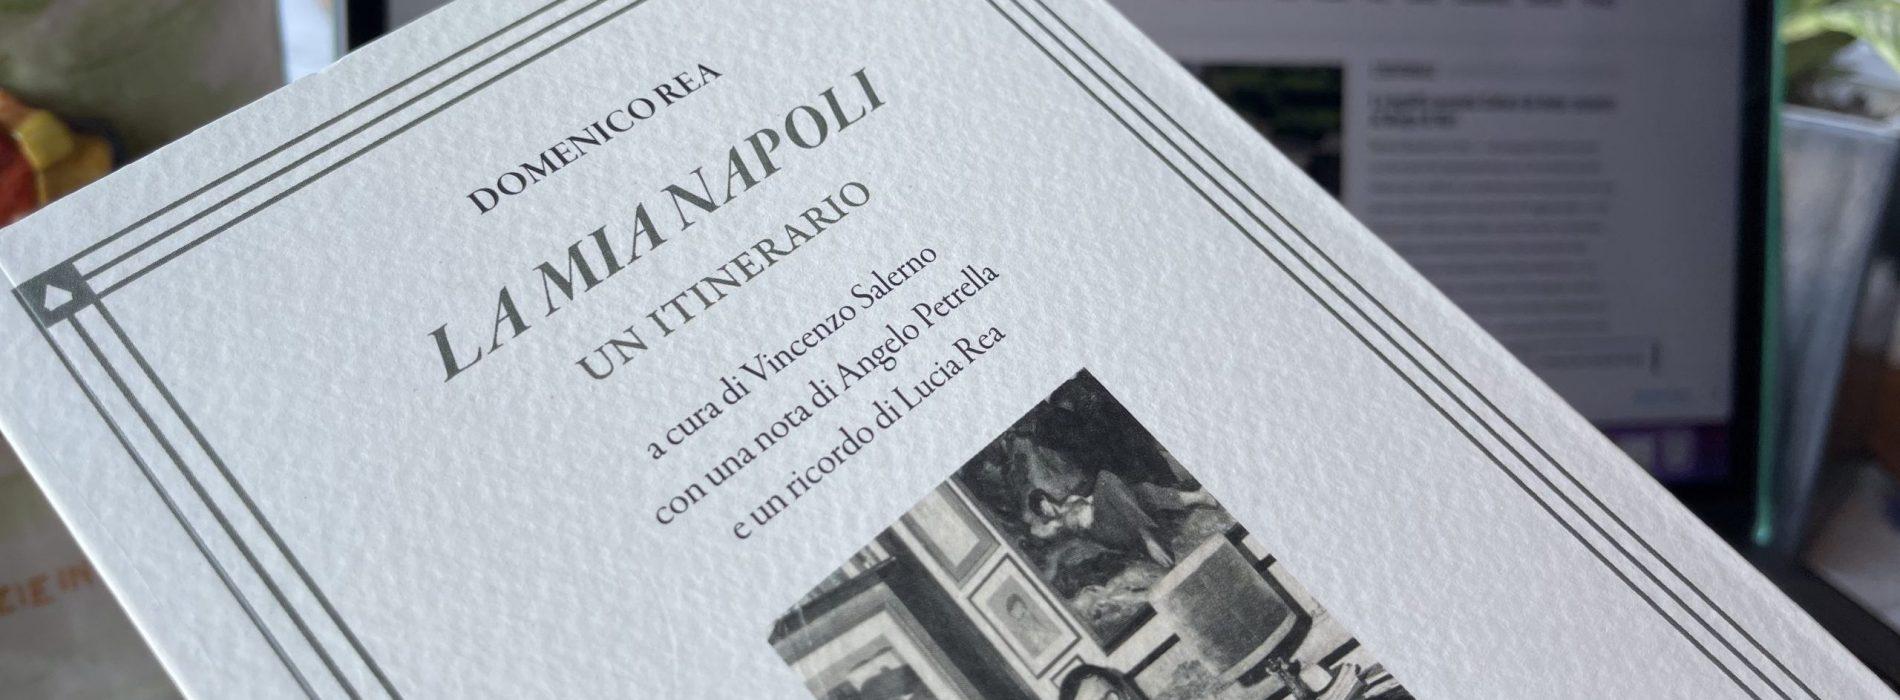 Pubblicata la Napoli di Domenico Rea, presentazione al Mann